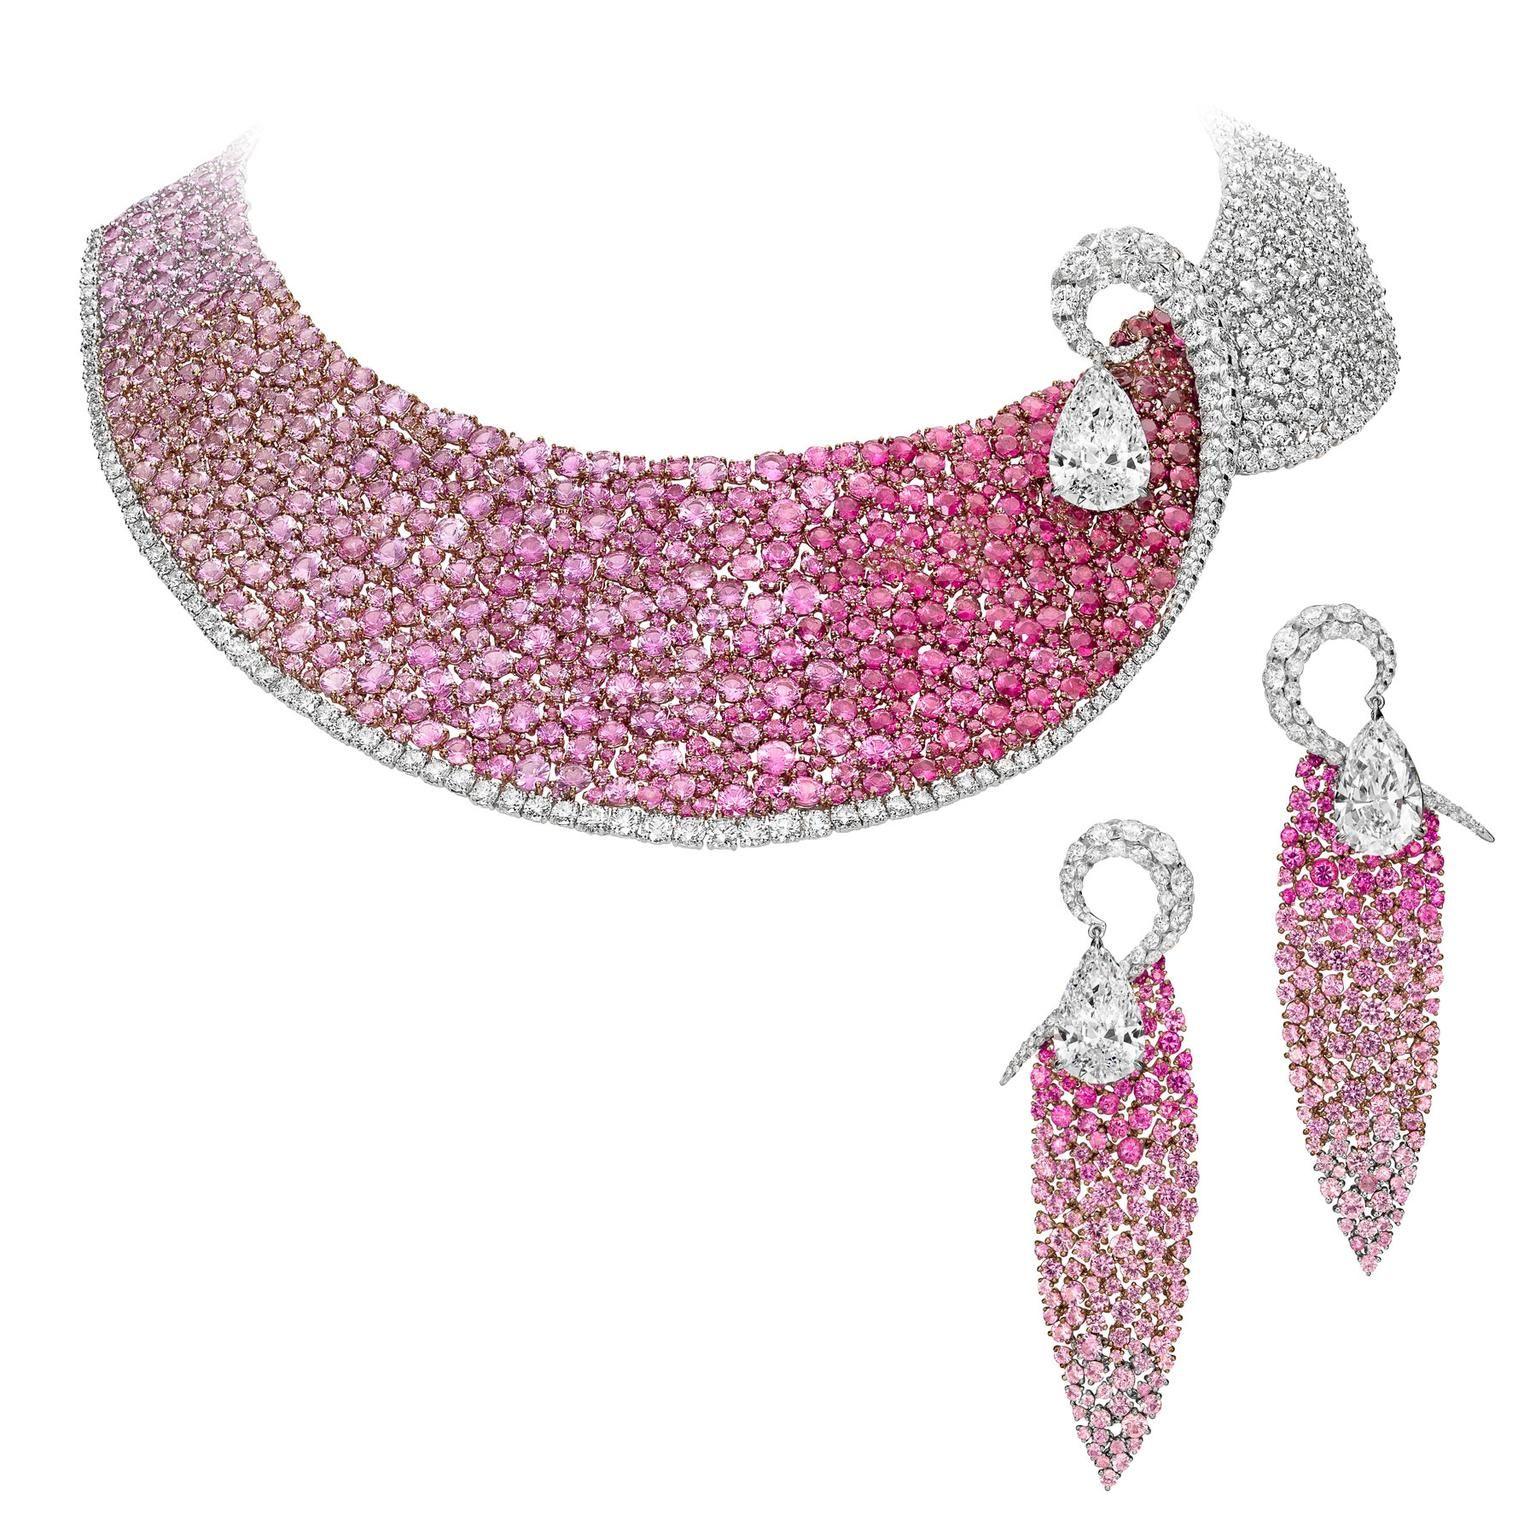 Boghossian lights up Bella Hadid with Les Merveilles jewels